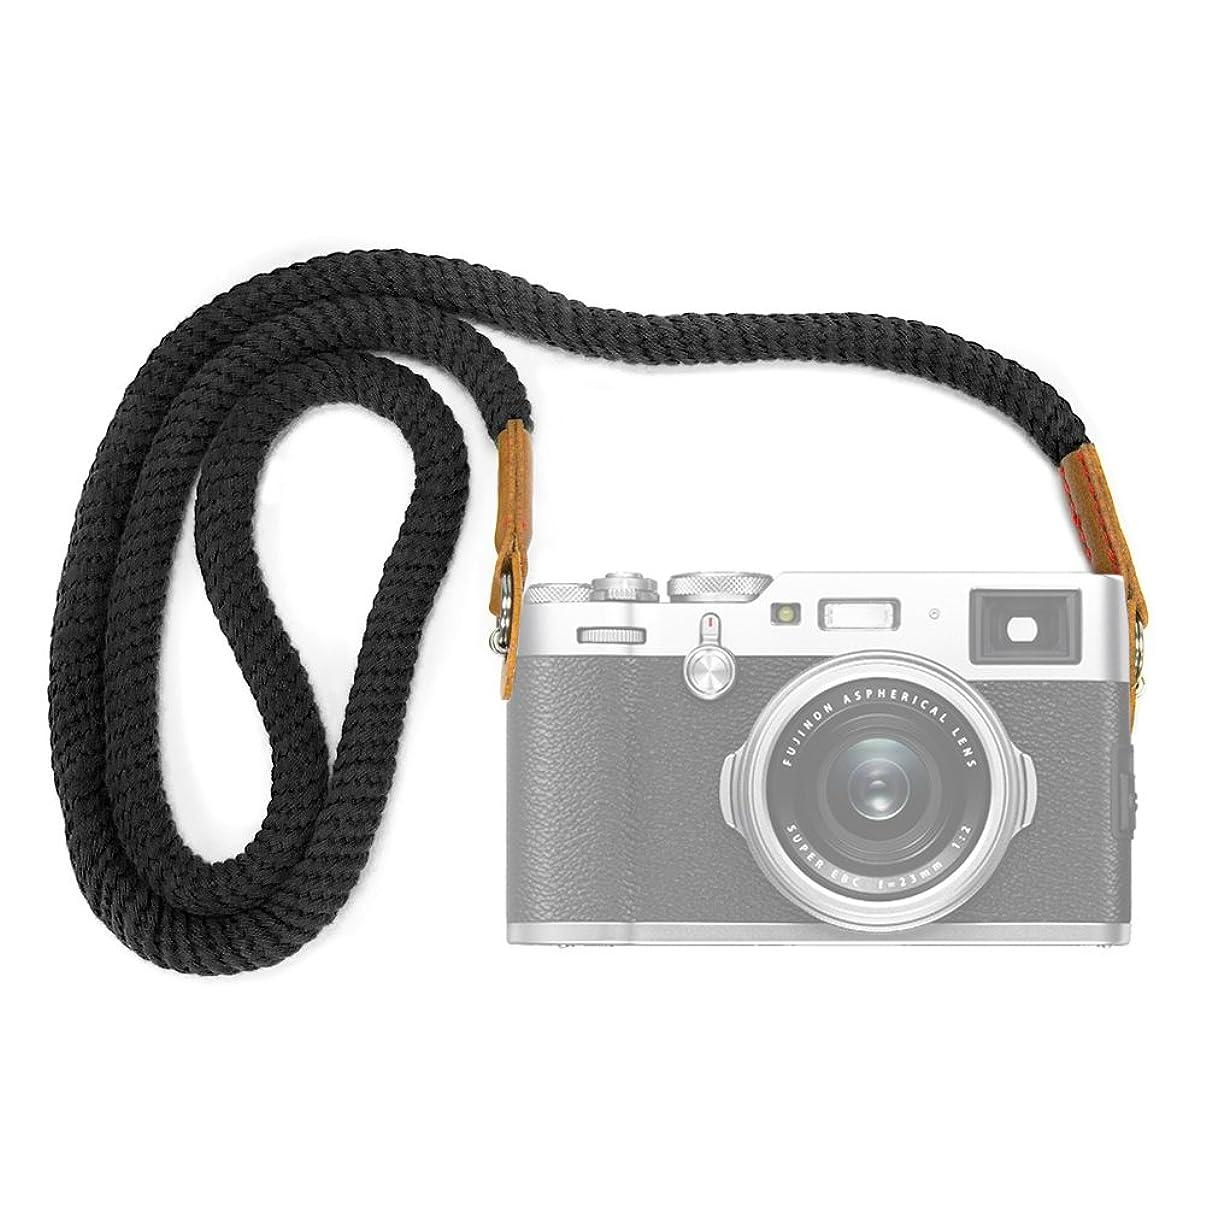 VKO Soft Cotton Camera Neck Strap, Shoulder Strap Compatible for Sony A6000 A6300 A6500 A6400 A5100 RXIR II RX10 IV X100F X-T30 X-T3 X-T20 X-T2 X100S X100T Camera Black